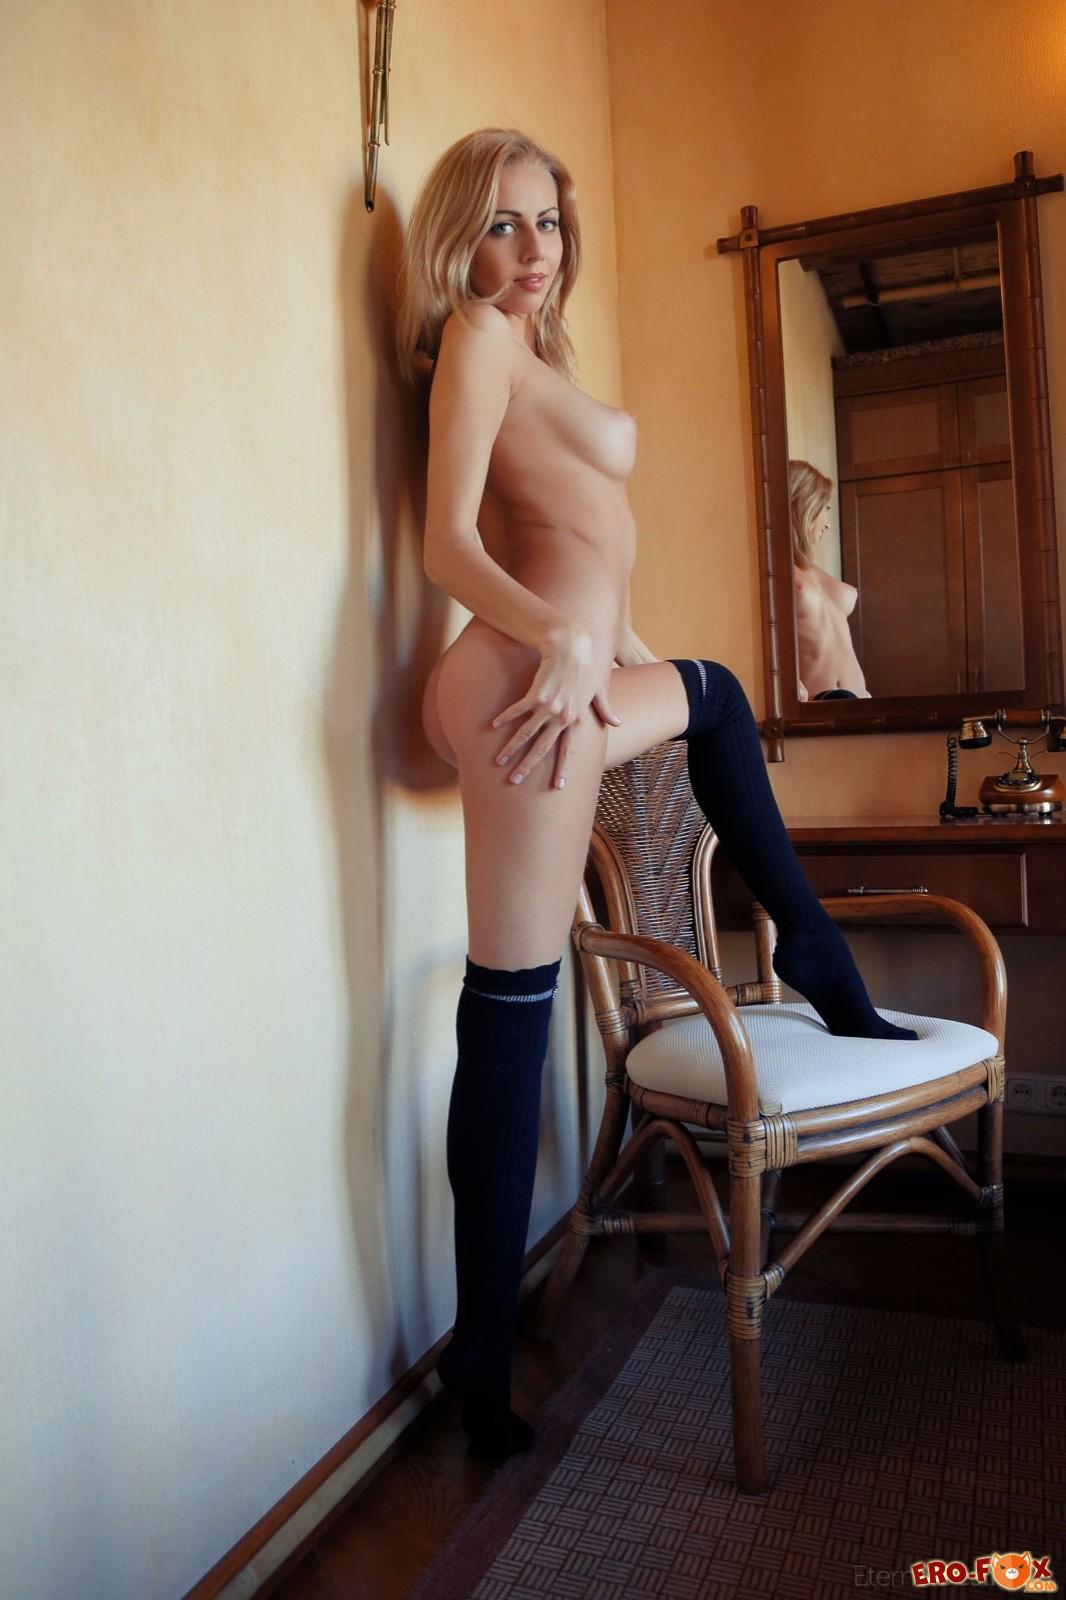 Сексапильная блондинка с натуральной грудью в чулках